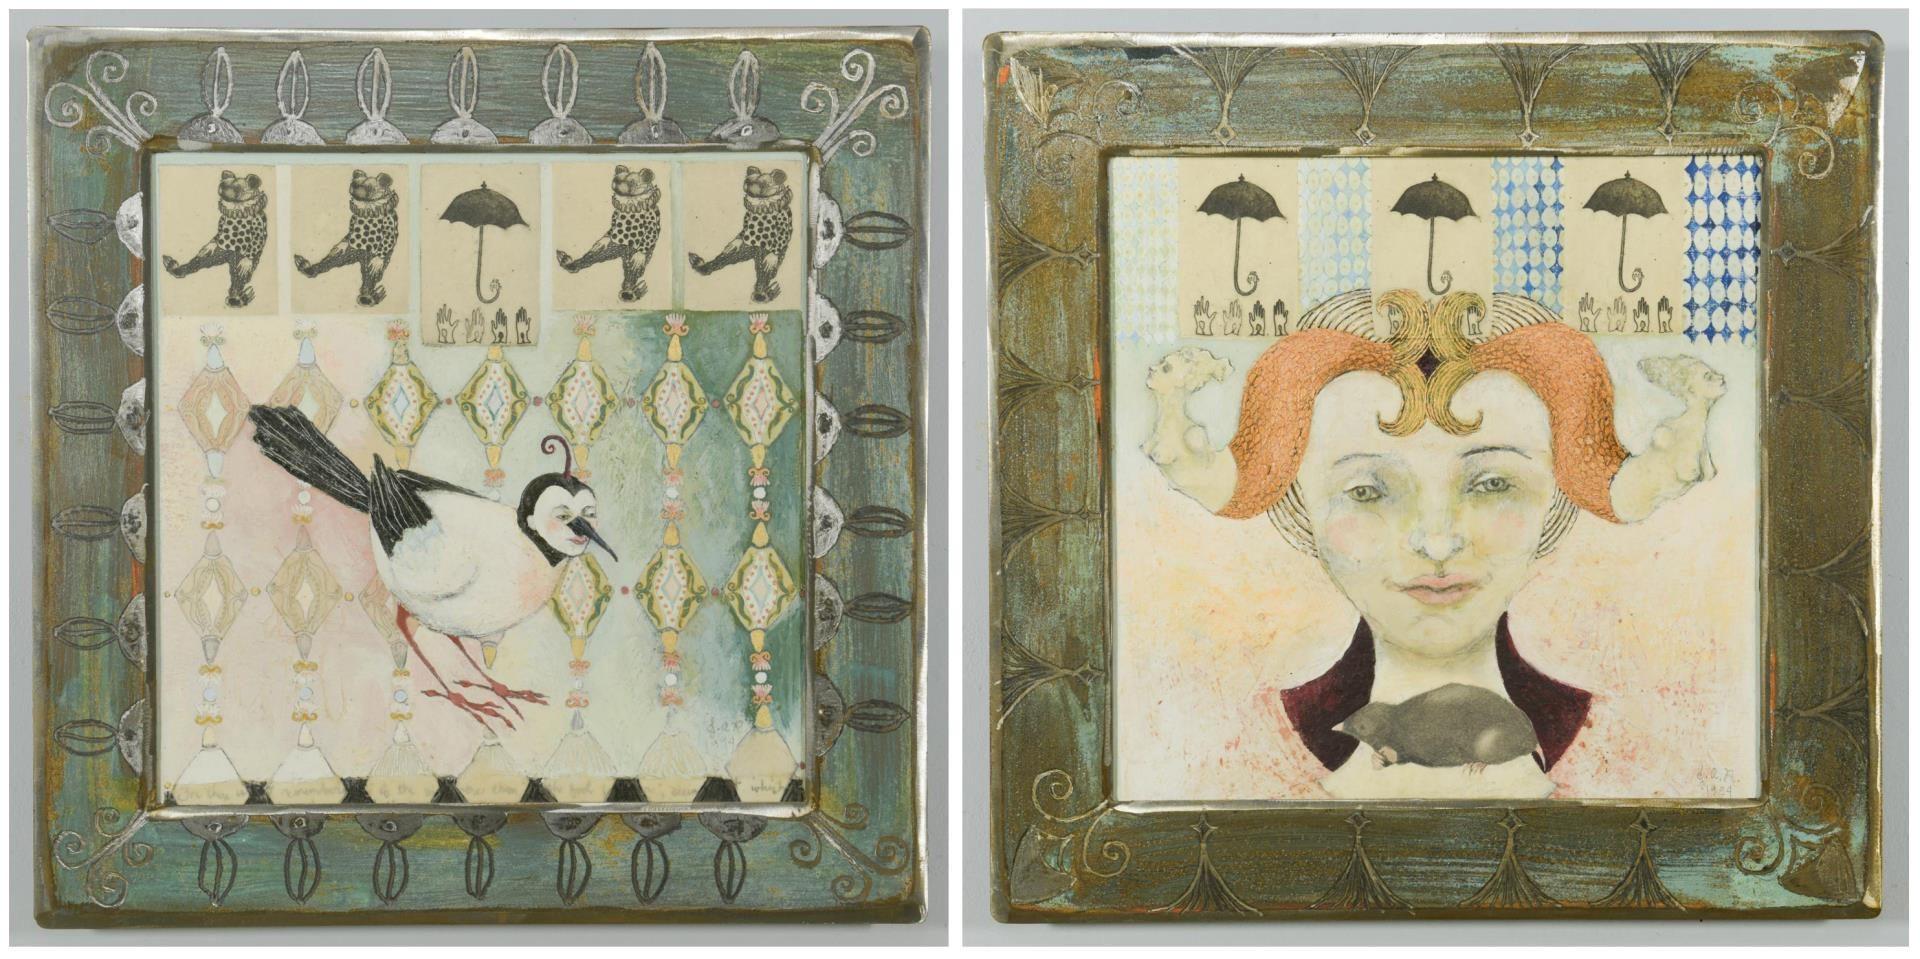 Lot 109: Art works by Julie Richard Crane, Total 2